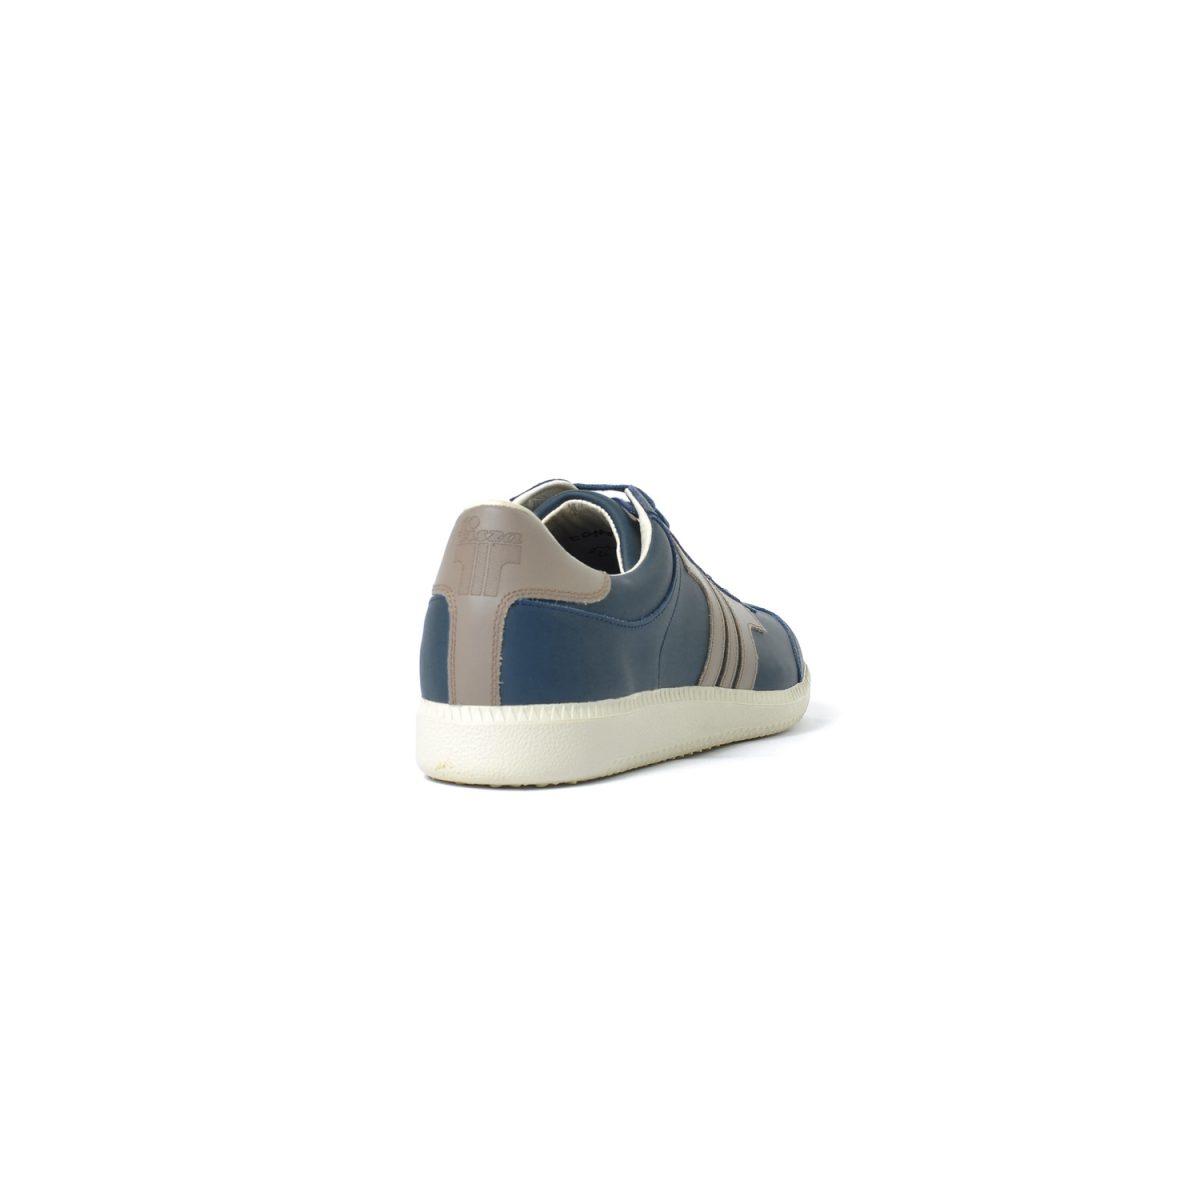 Tisza cipő - Compakt - Sötétkék-gerle ... a8e77b788a